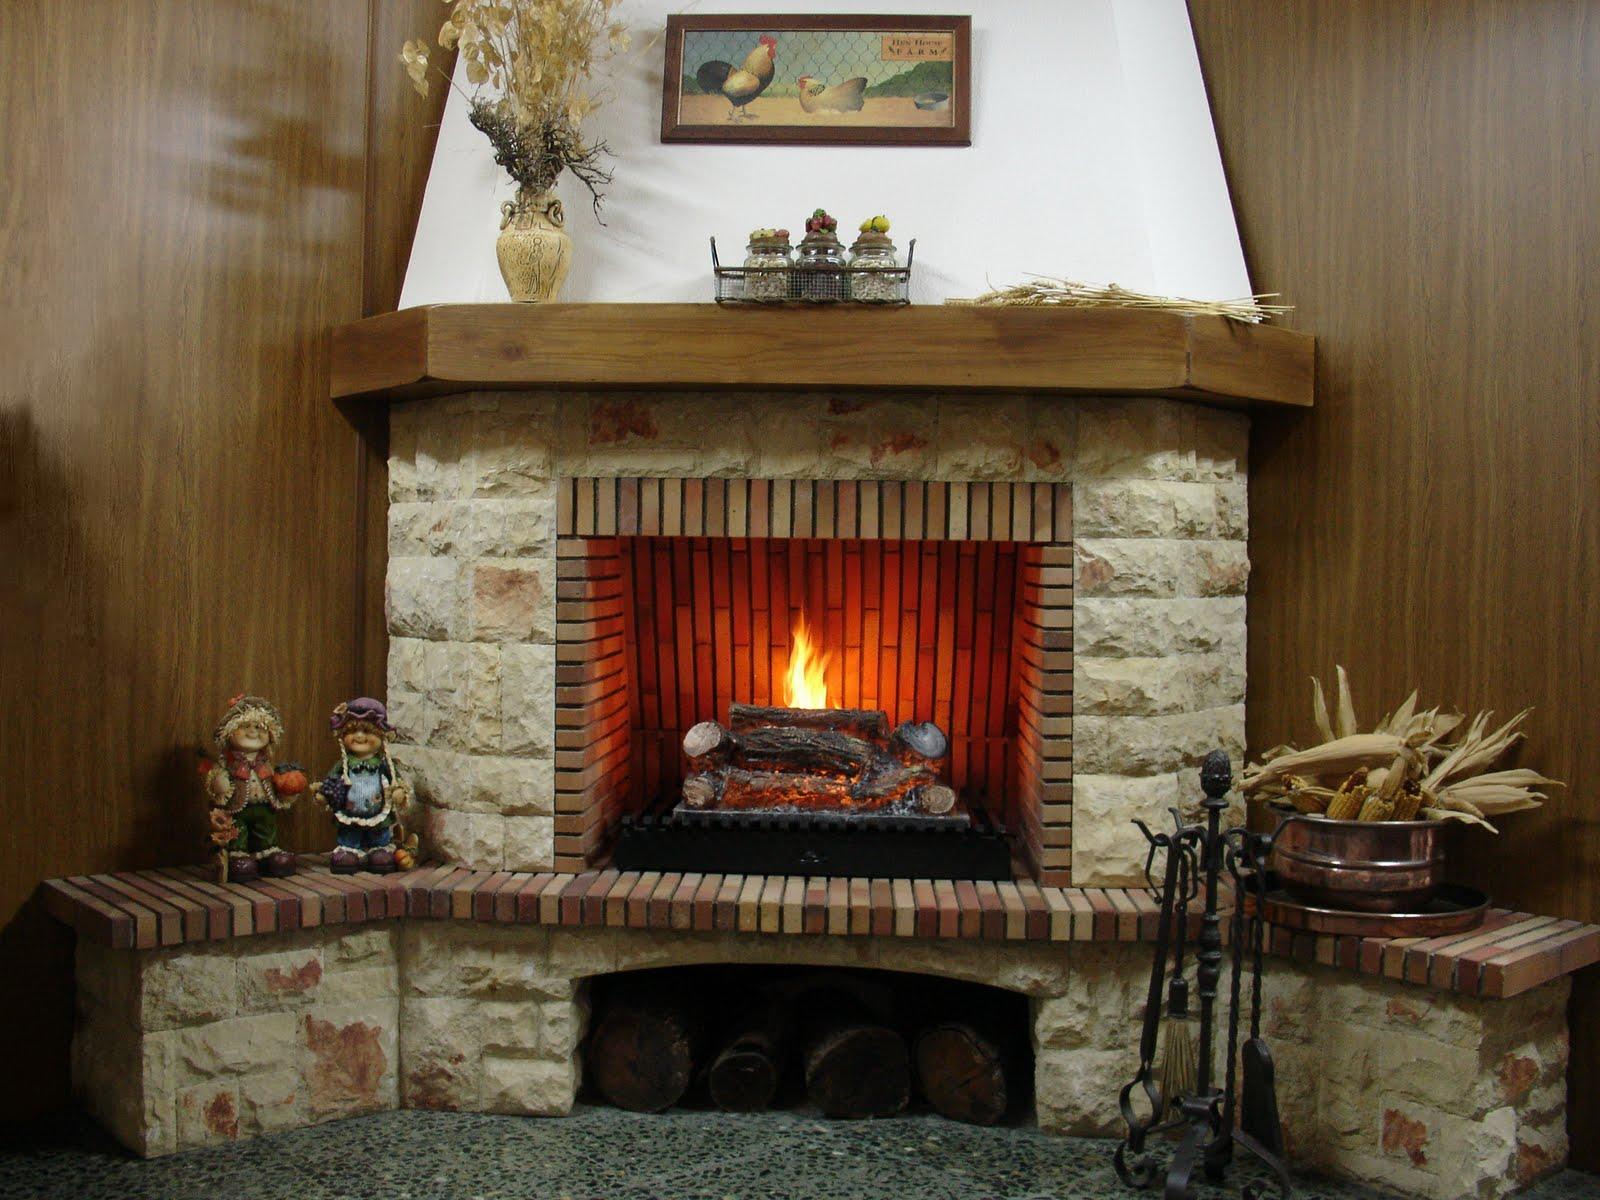 La palmera negra la chimenea for Chimeneas decoracion hogar